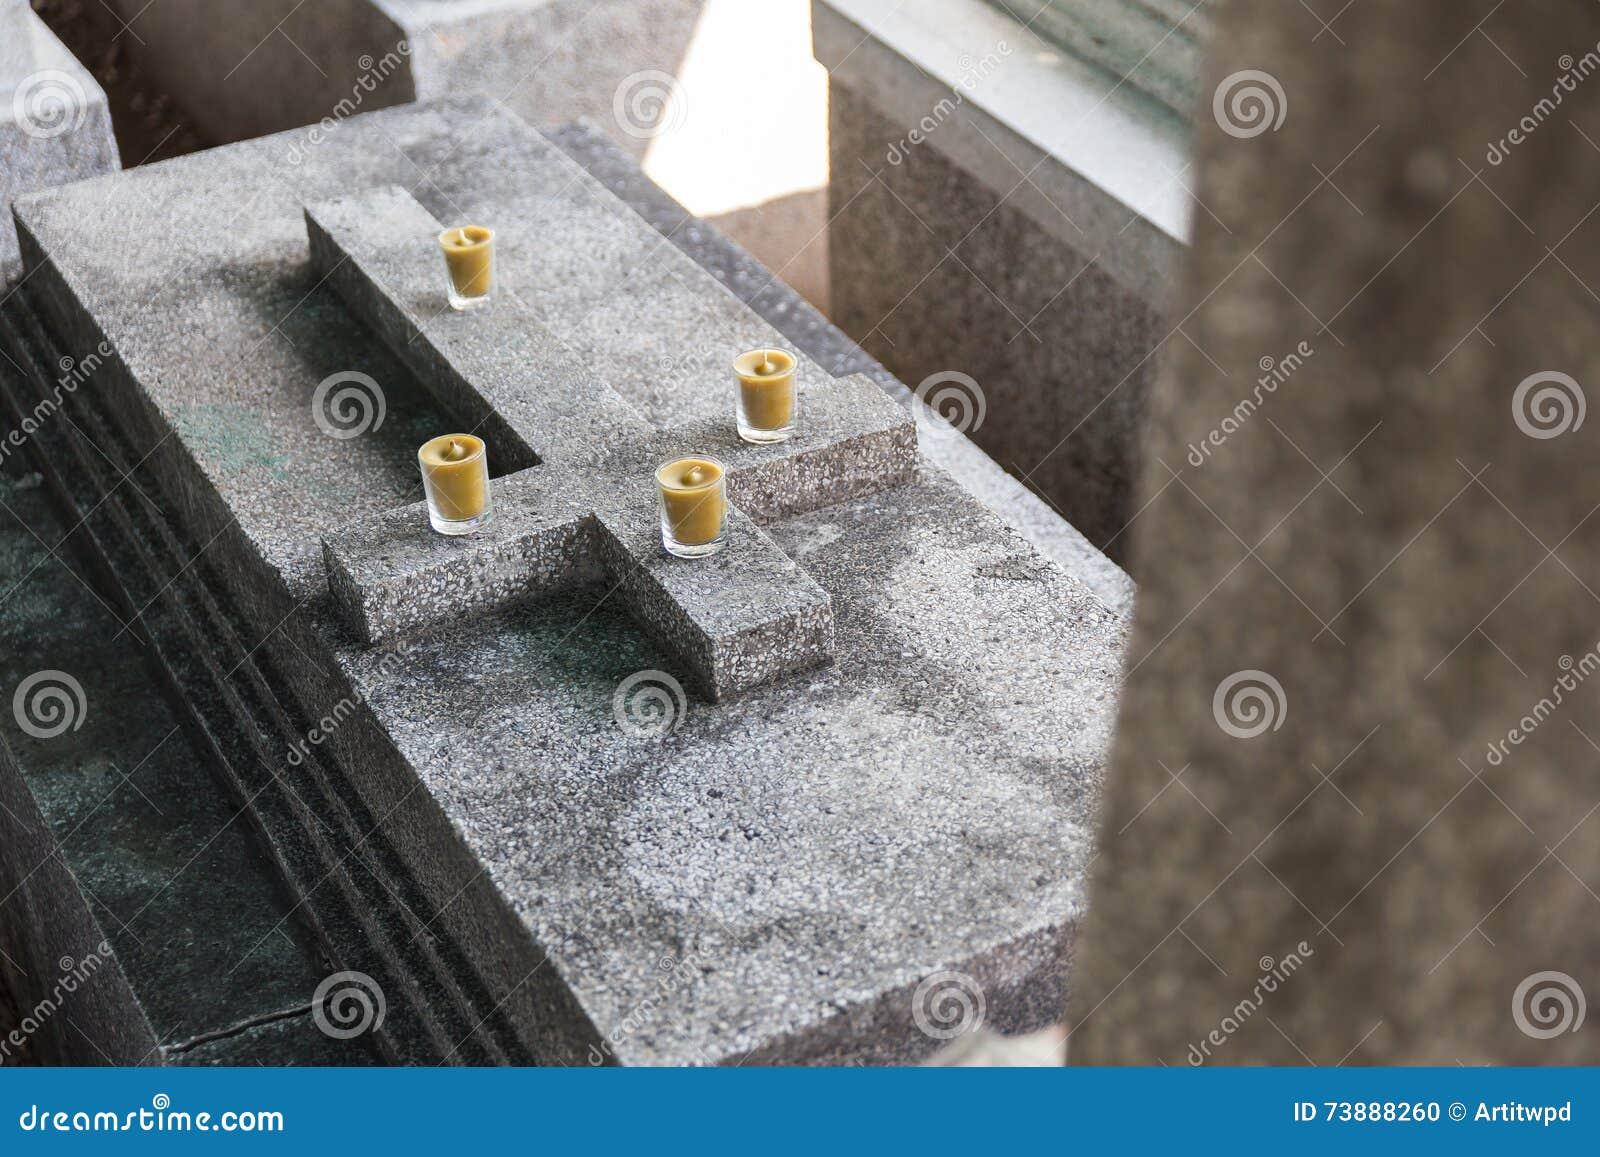 Сверх бетон пластификаторы для цементных растворов купить в